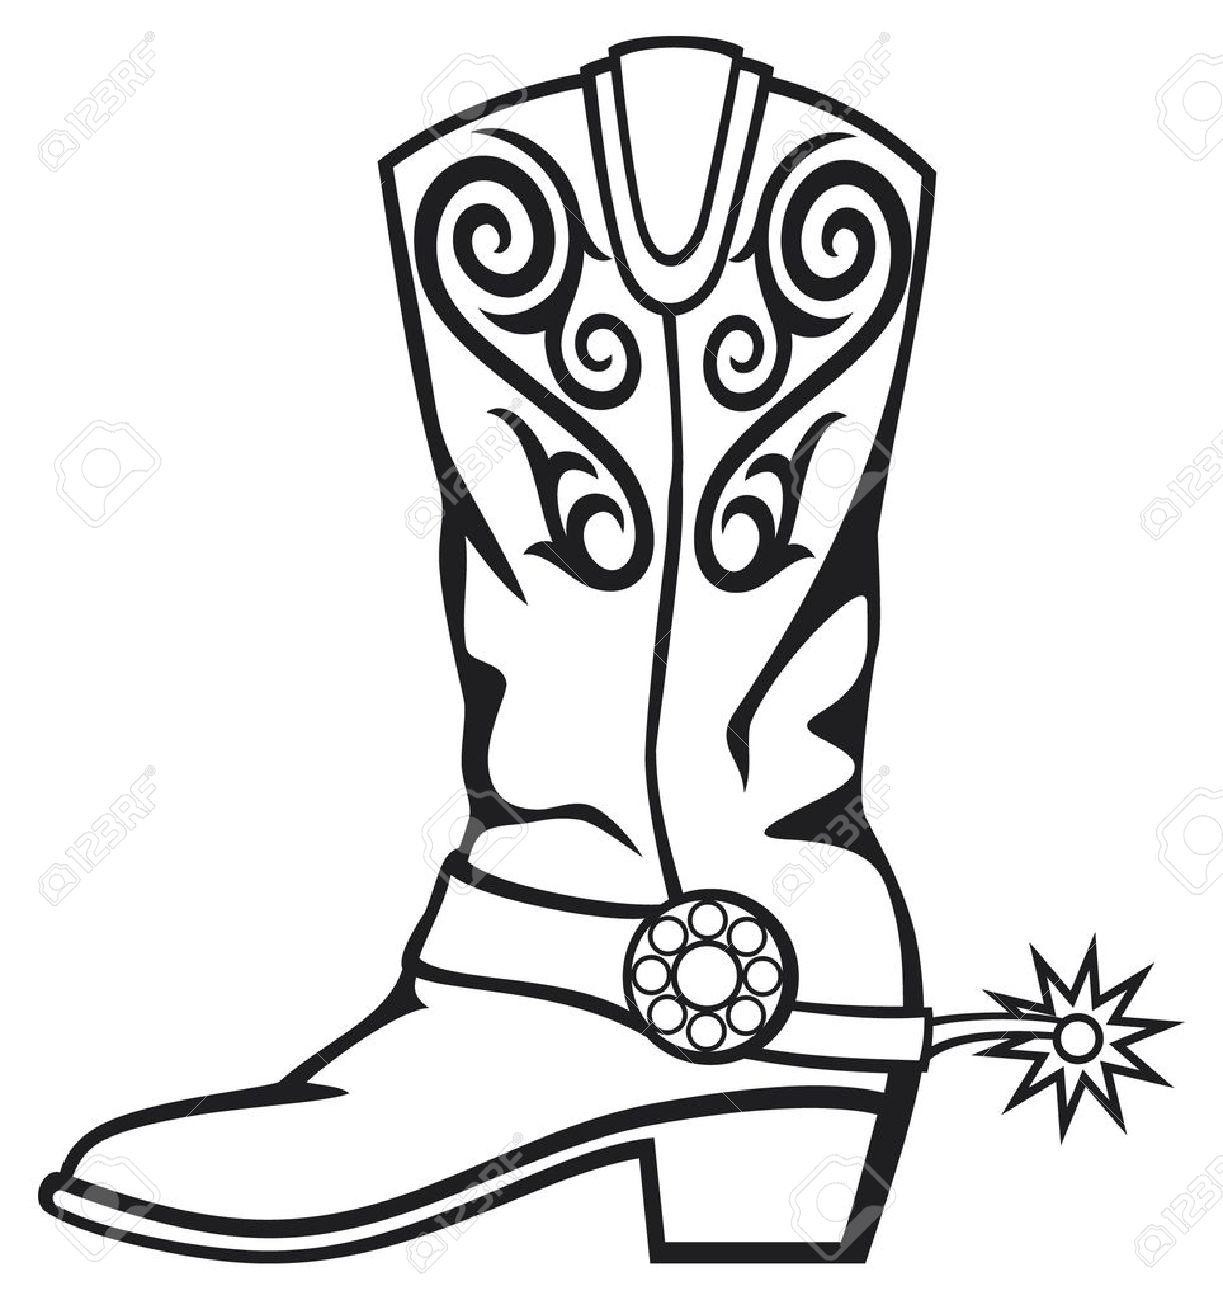 1223x1300 Cowboy Boots Clip Art